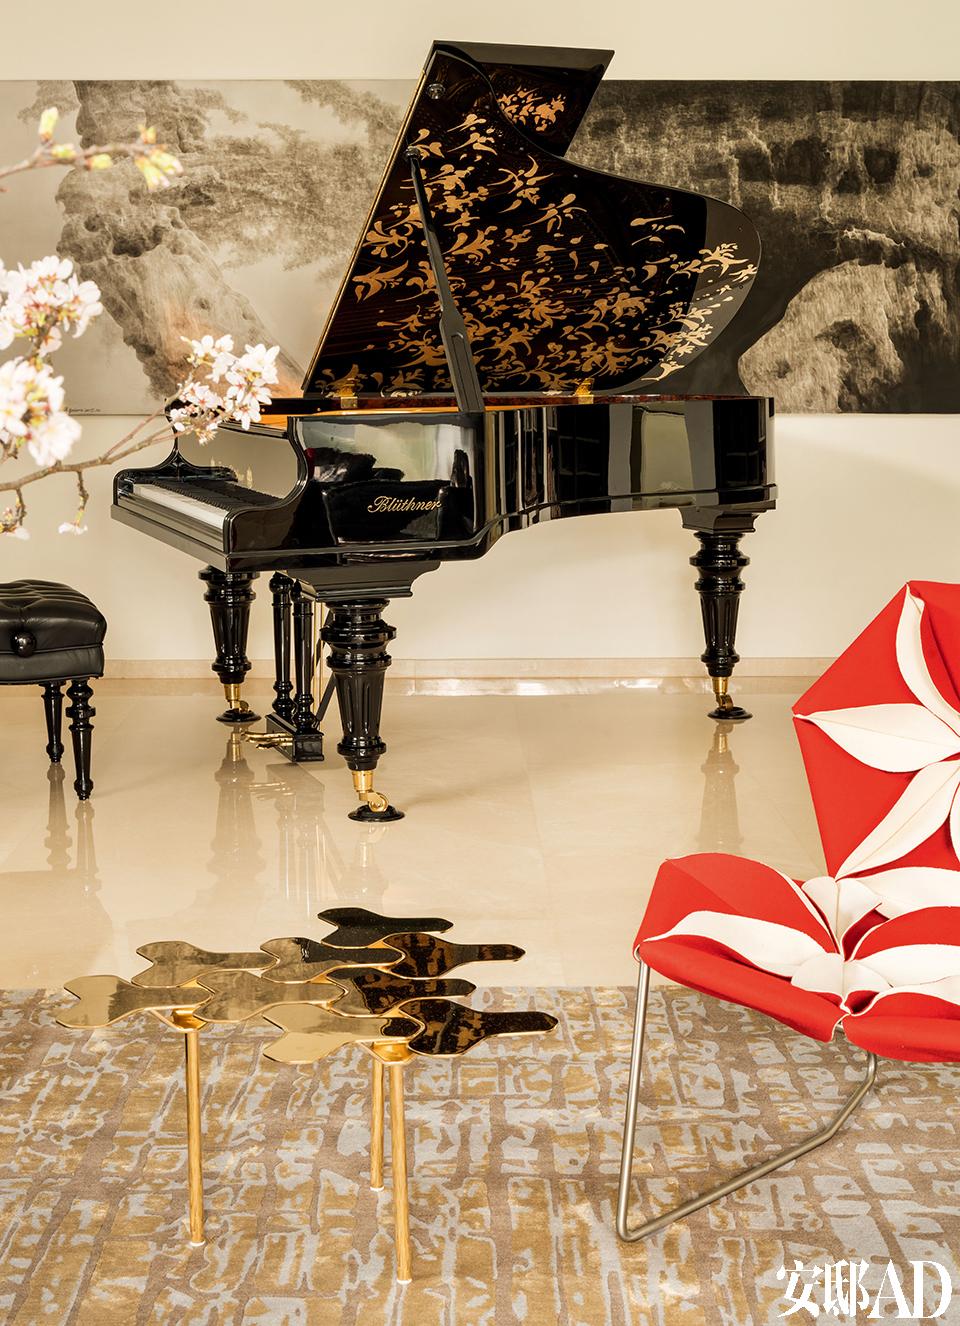 钢琴上的金色漆画呼应着现代造型的小茶几,音乐与设计在这个家中相互交融。客厅的另一侧摆着 Blüthner的Julius大师版钢琴,钢琴后面的画作由雪松创作。